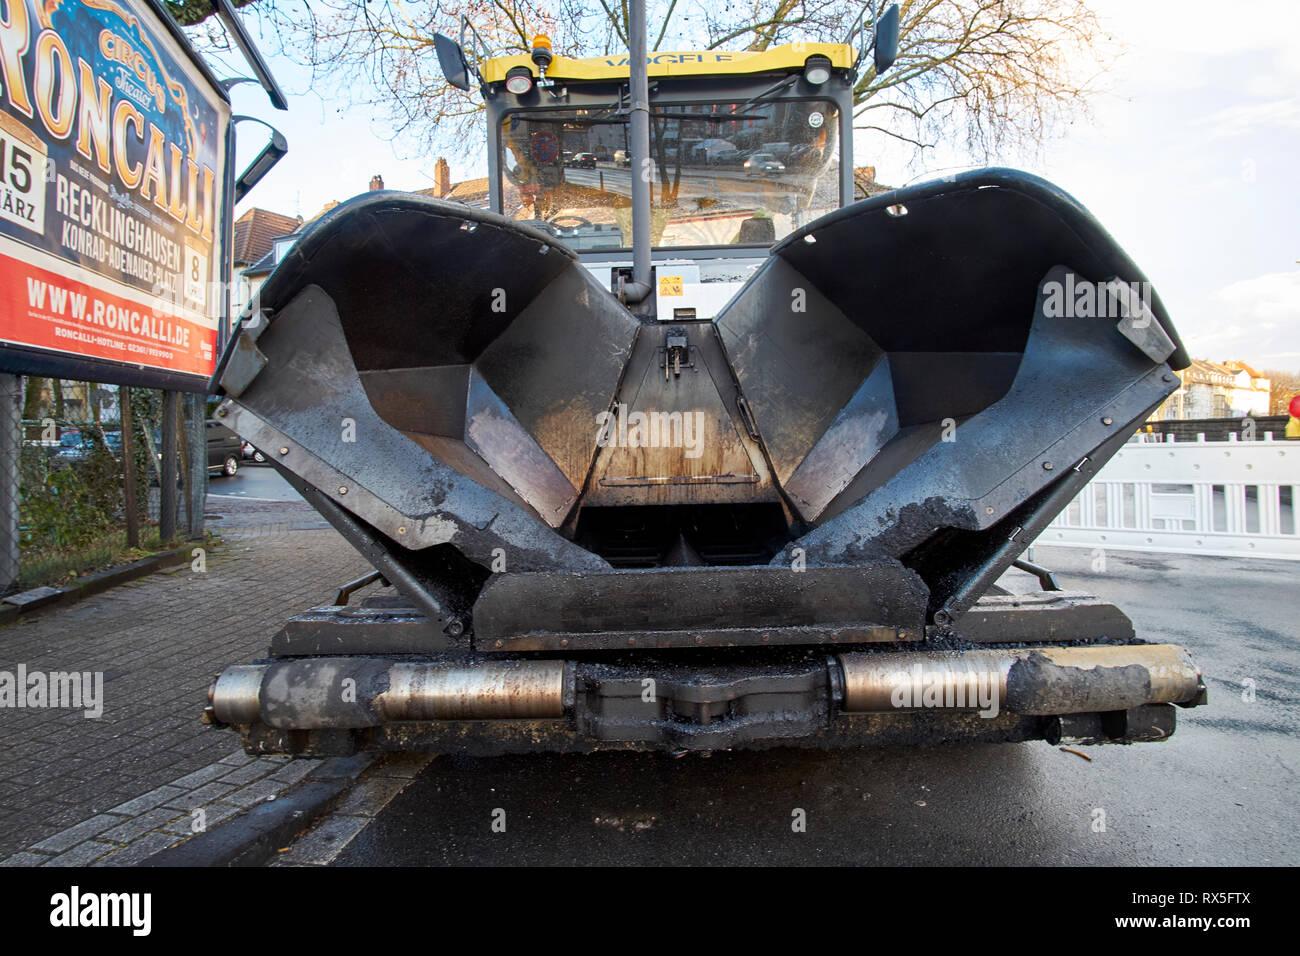 Ein Asphaltfertiger aus dem Strassenbau parkt an Strassenrand aus der Froschperspektive aufgenommen. - Stock Image